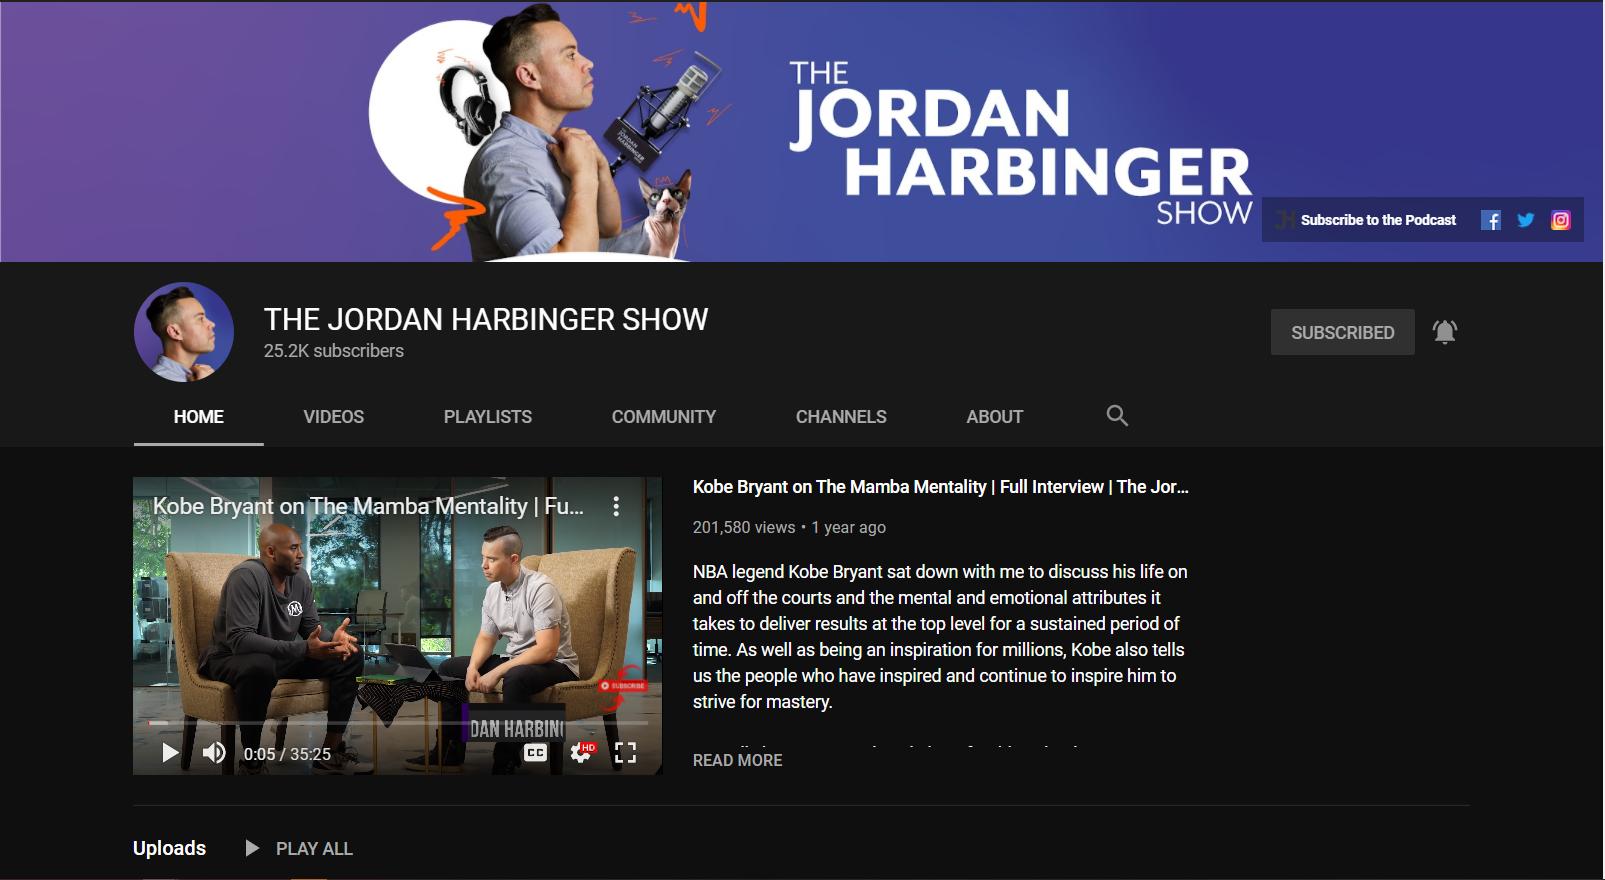 The Jordan Harbinger Show on YouTube